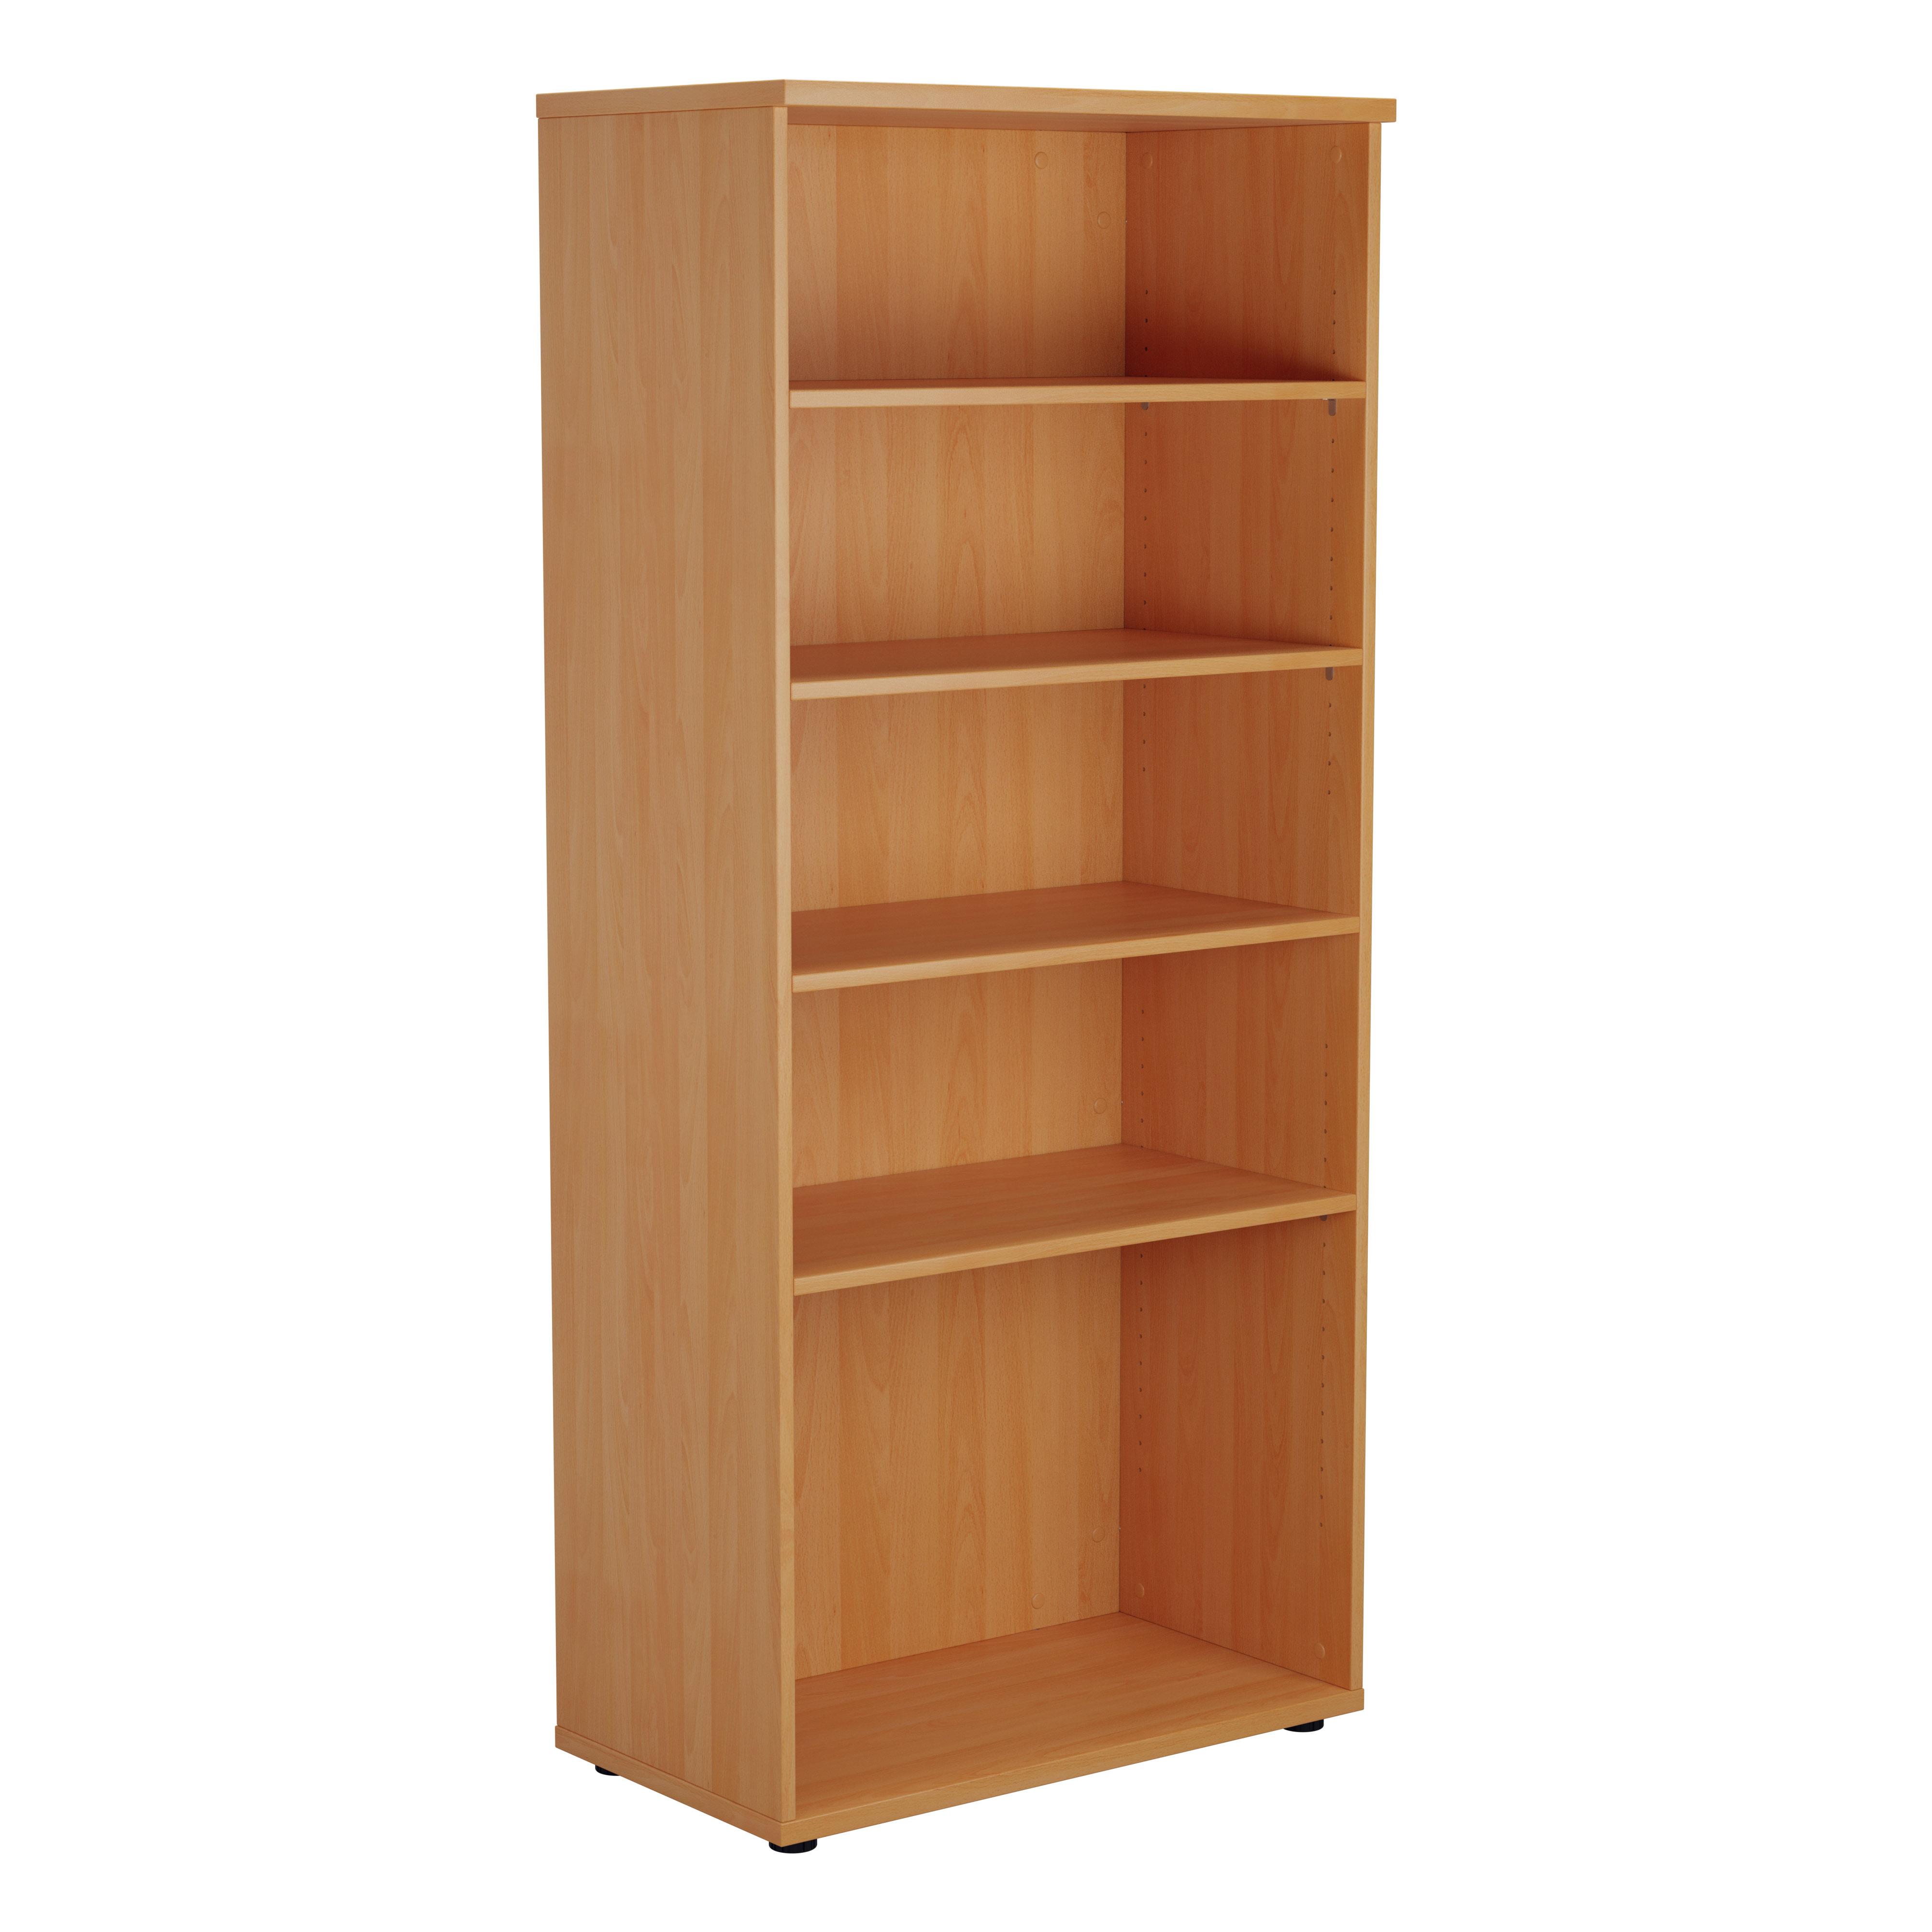 Essentials - 1800mm High Bookcase